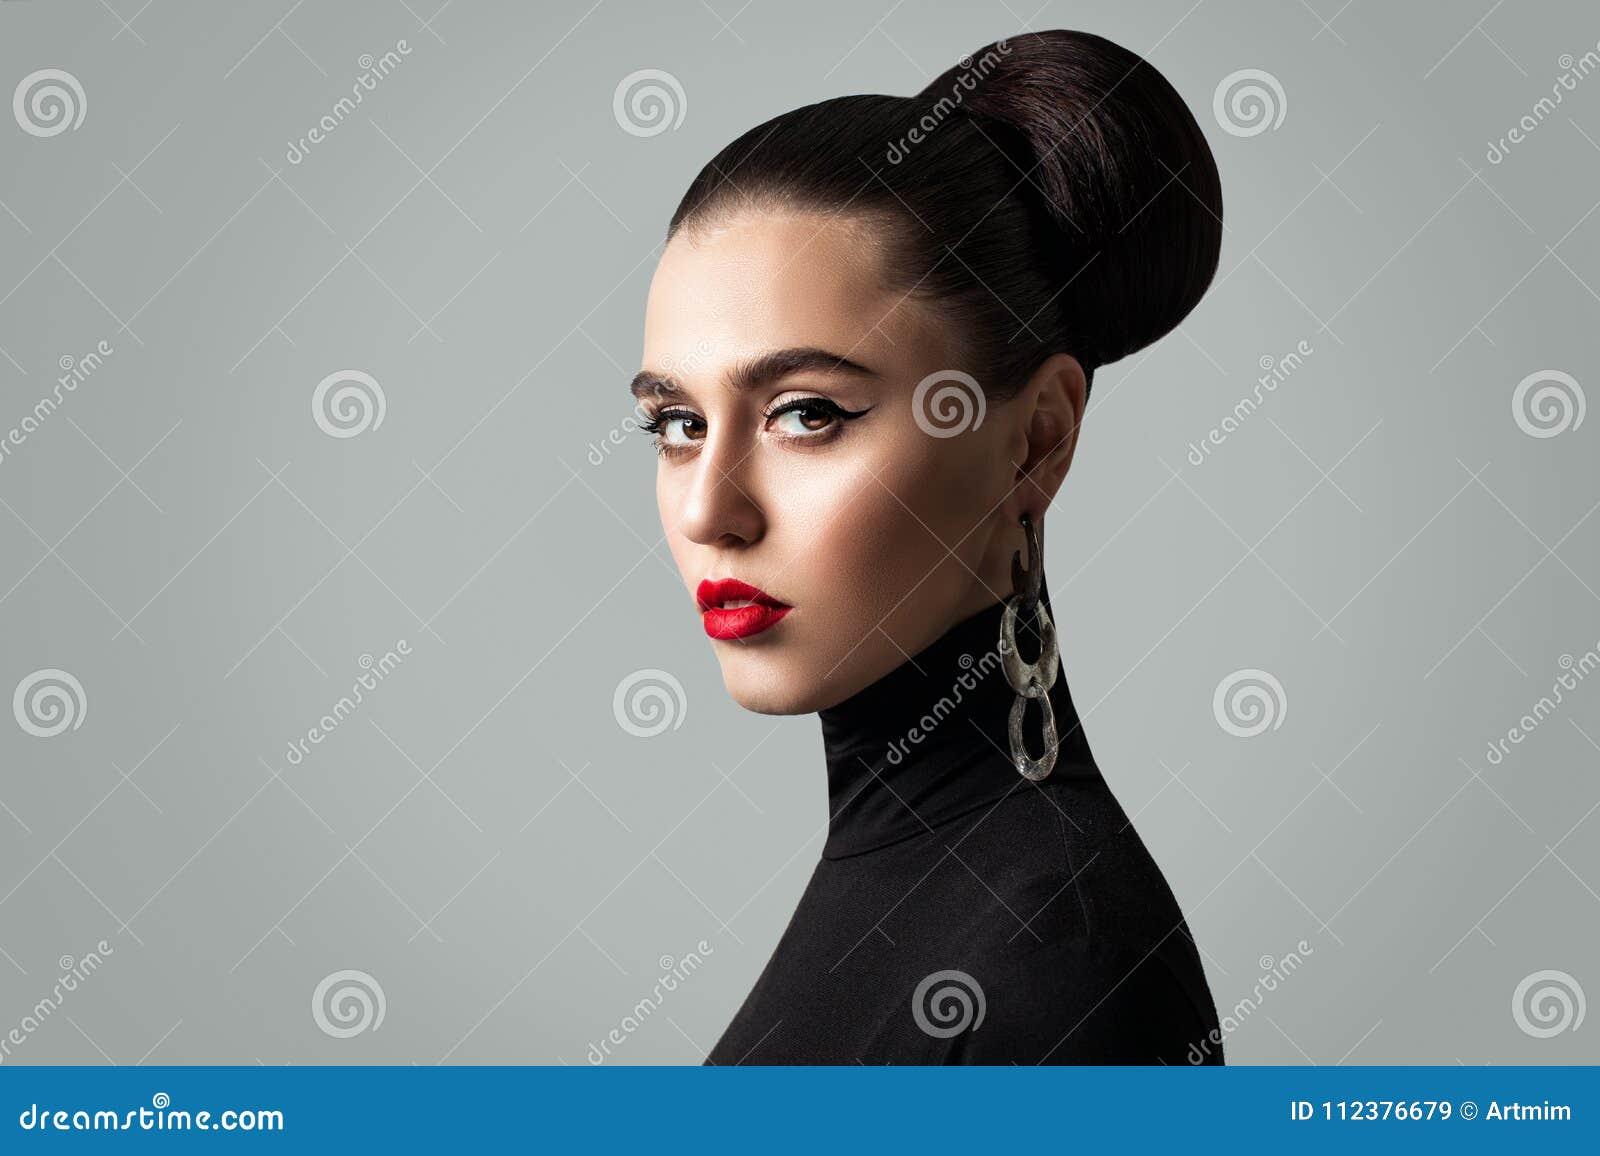 Πανέμορφη γυναίκα με τέλεια Hairstyle και Eyeliner Makeup